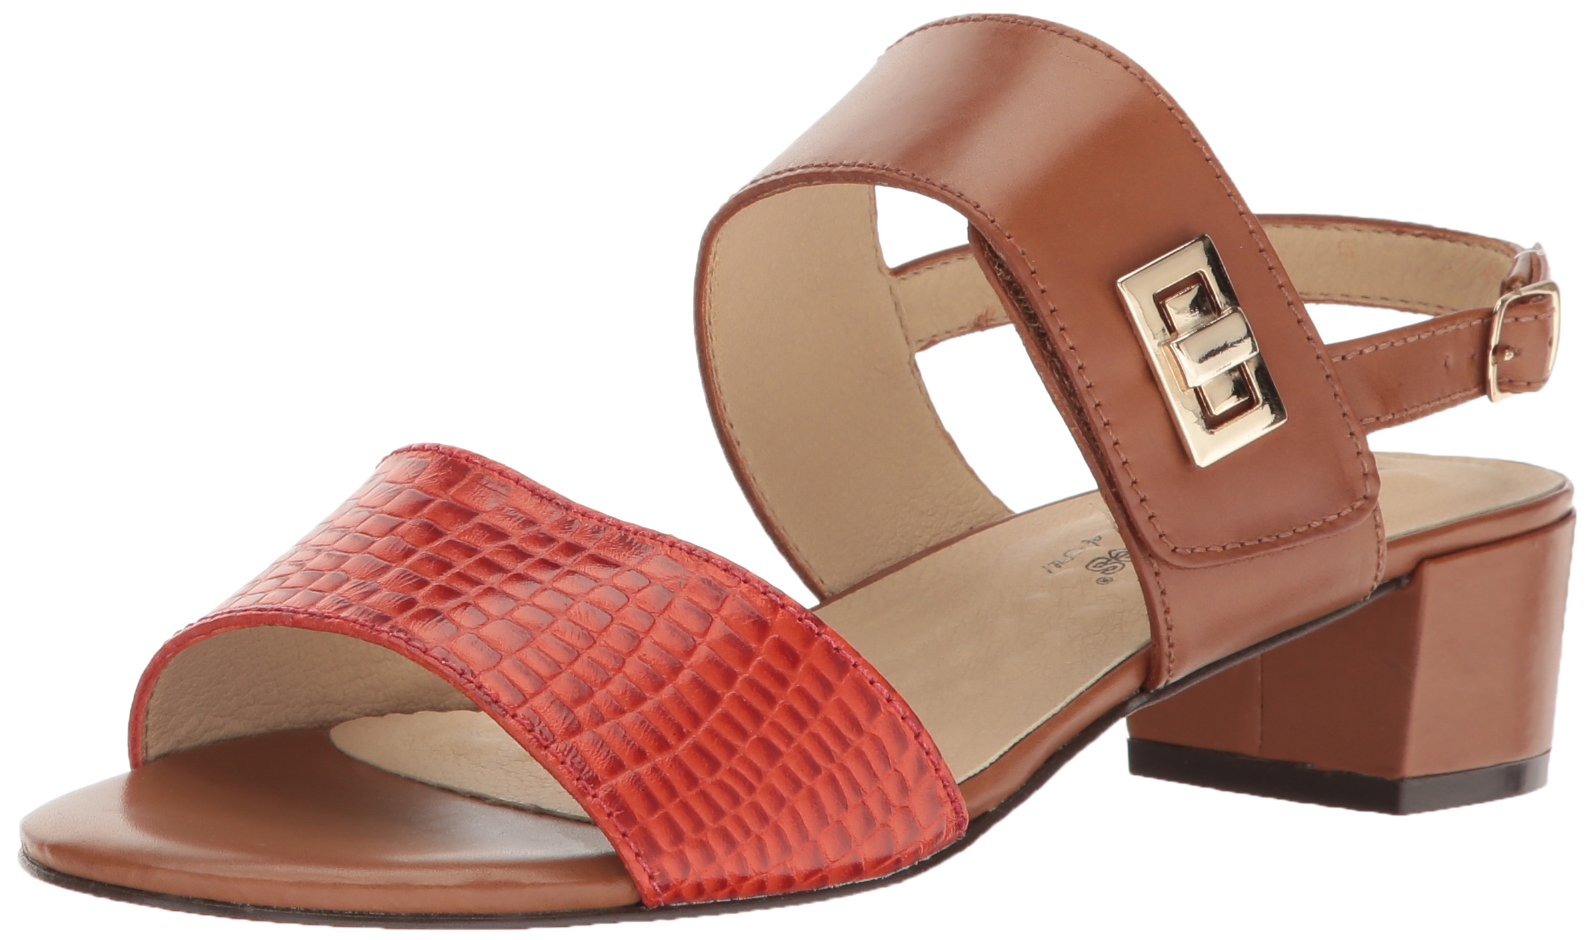 Walking Cradles Women's Milan Dress Sandal, Luggage, 8.5 W US